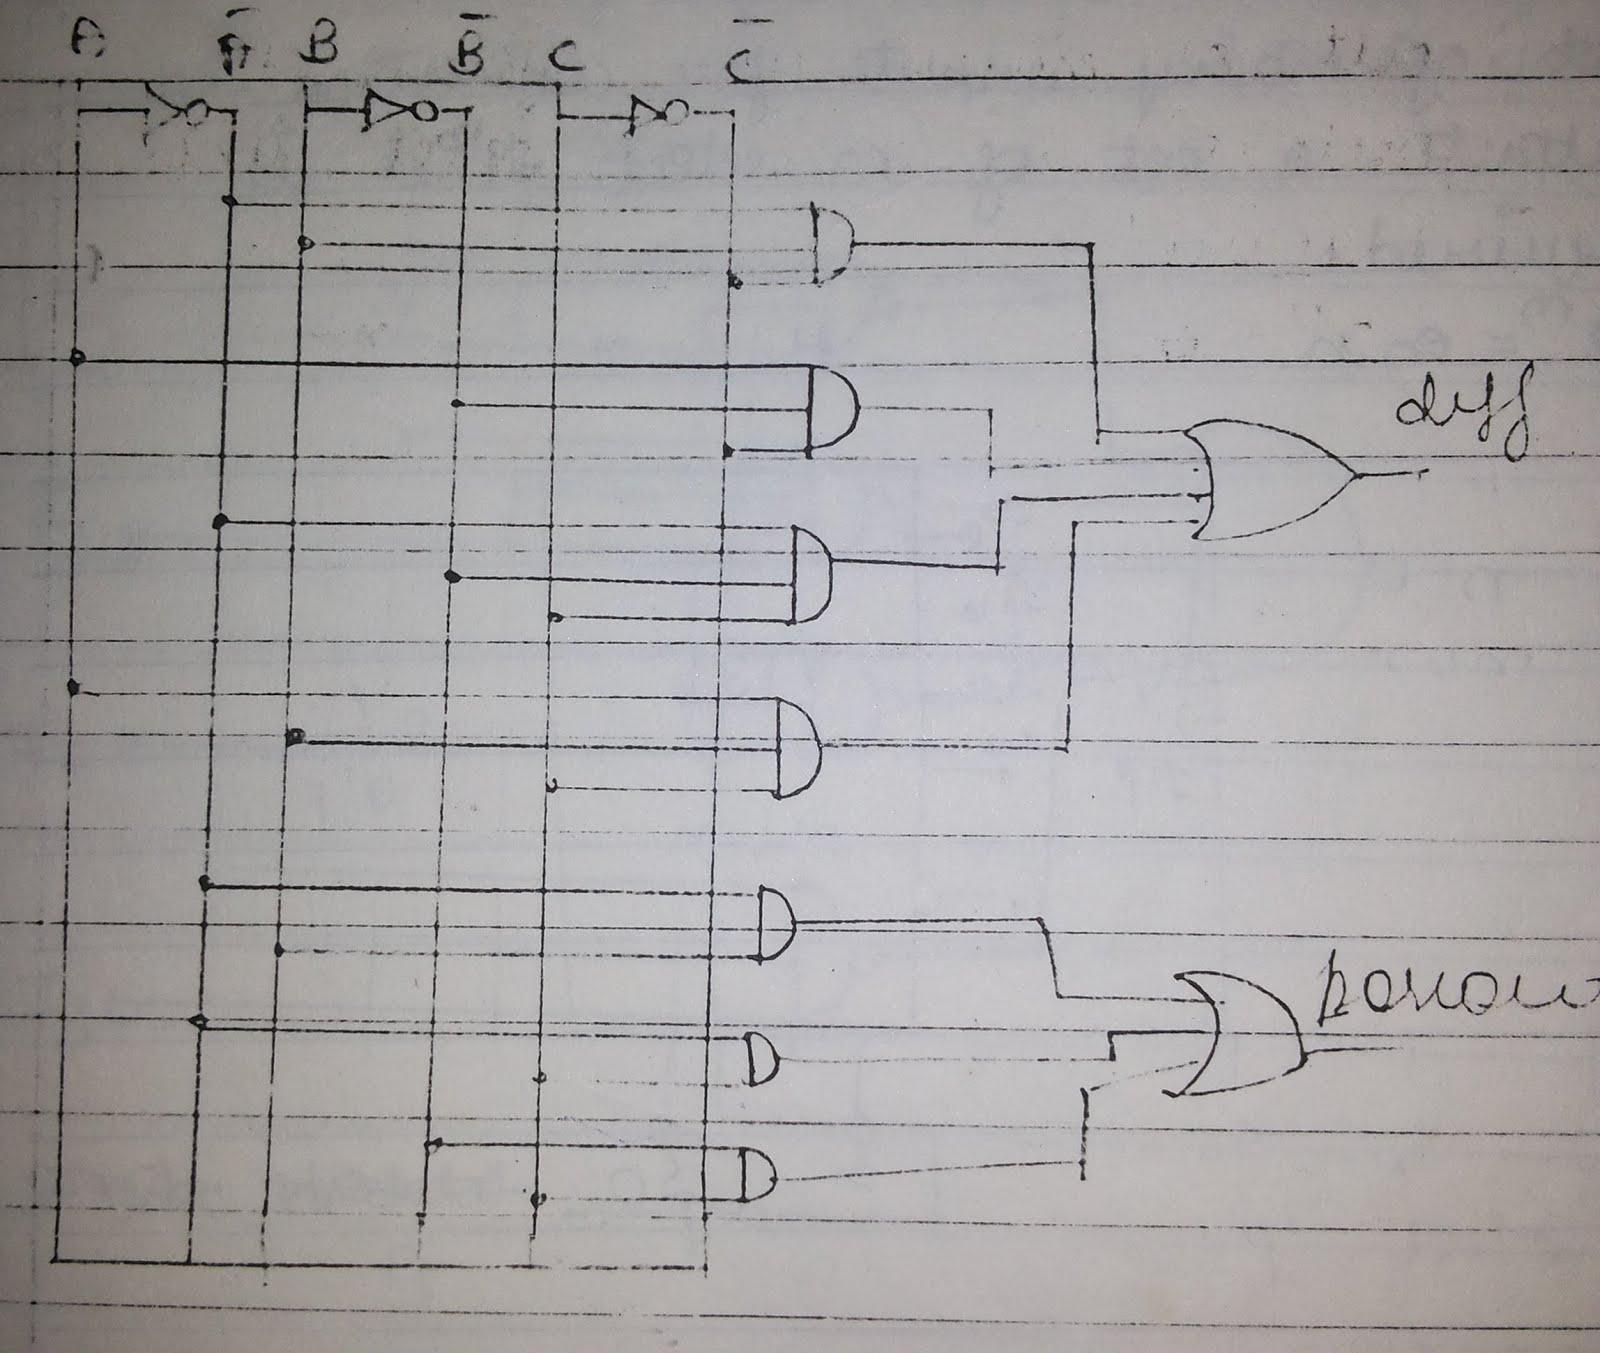 logic diagram of full subtractor circuit  [ 1600 x 1353 Pixel ]